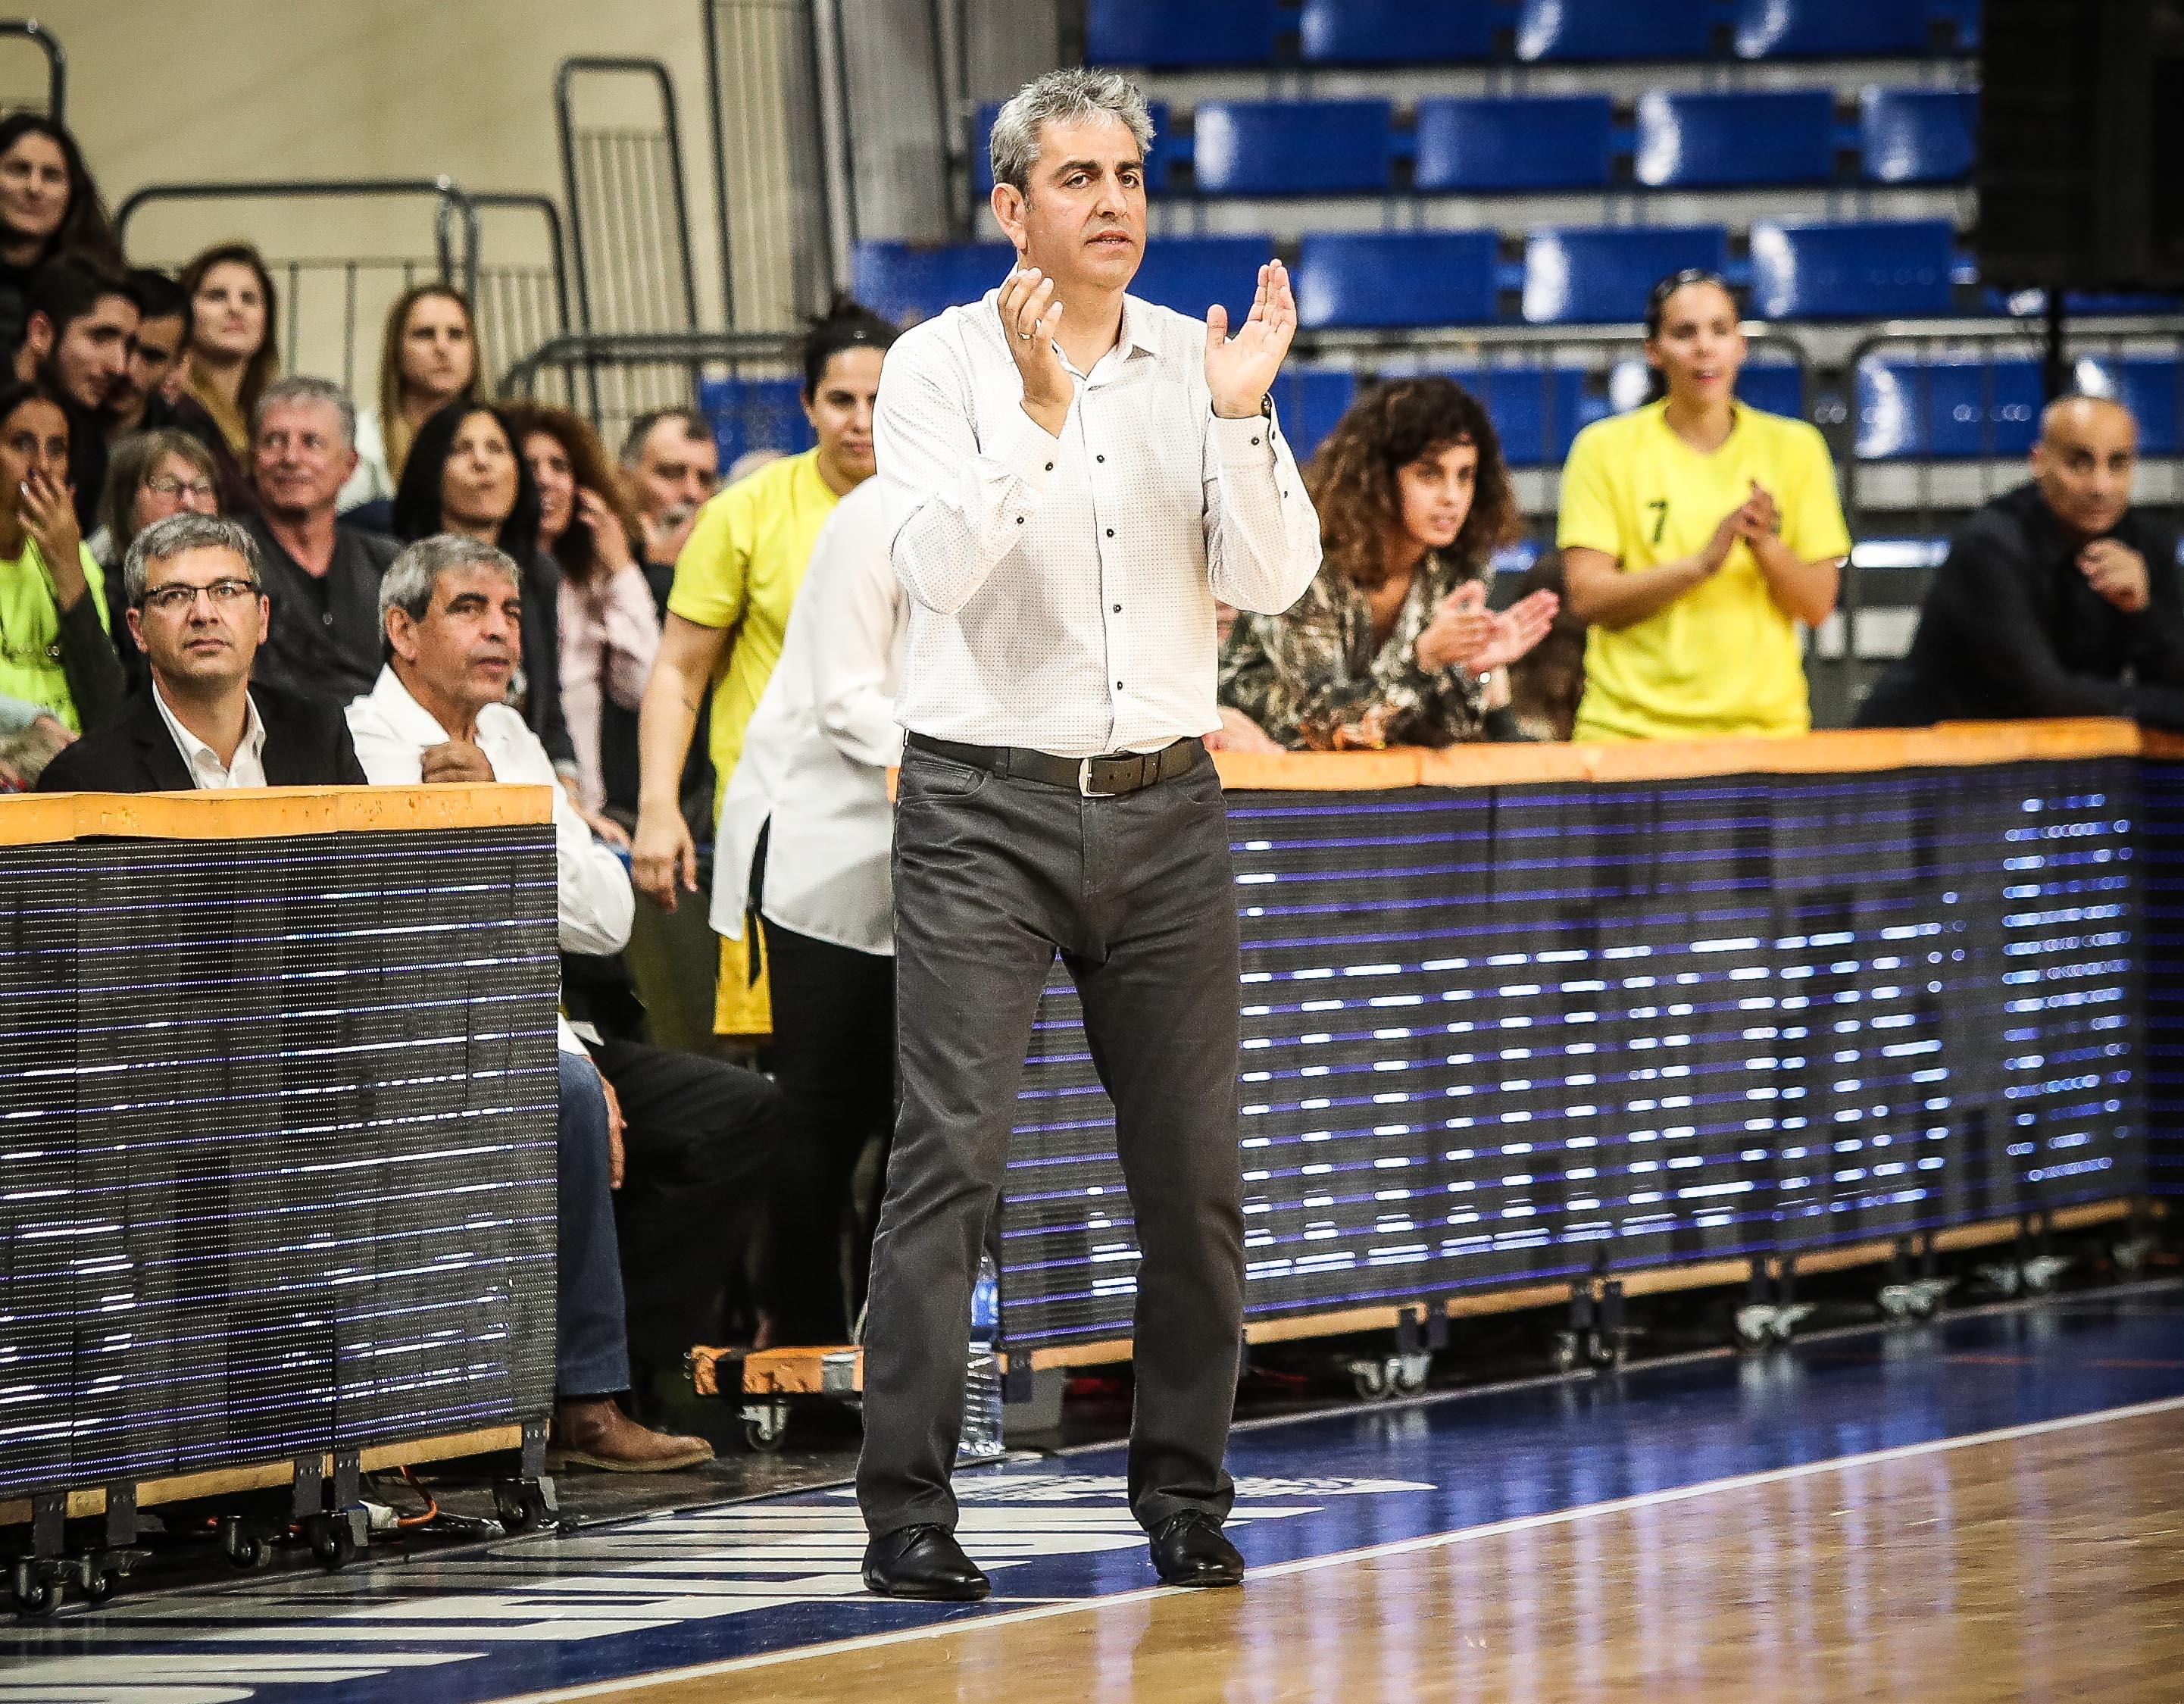 אלי רבי חוזר לעמדת המאמן הראשי של נבחרת ישראל